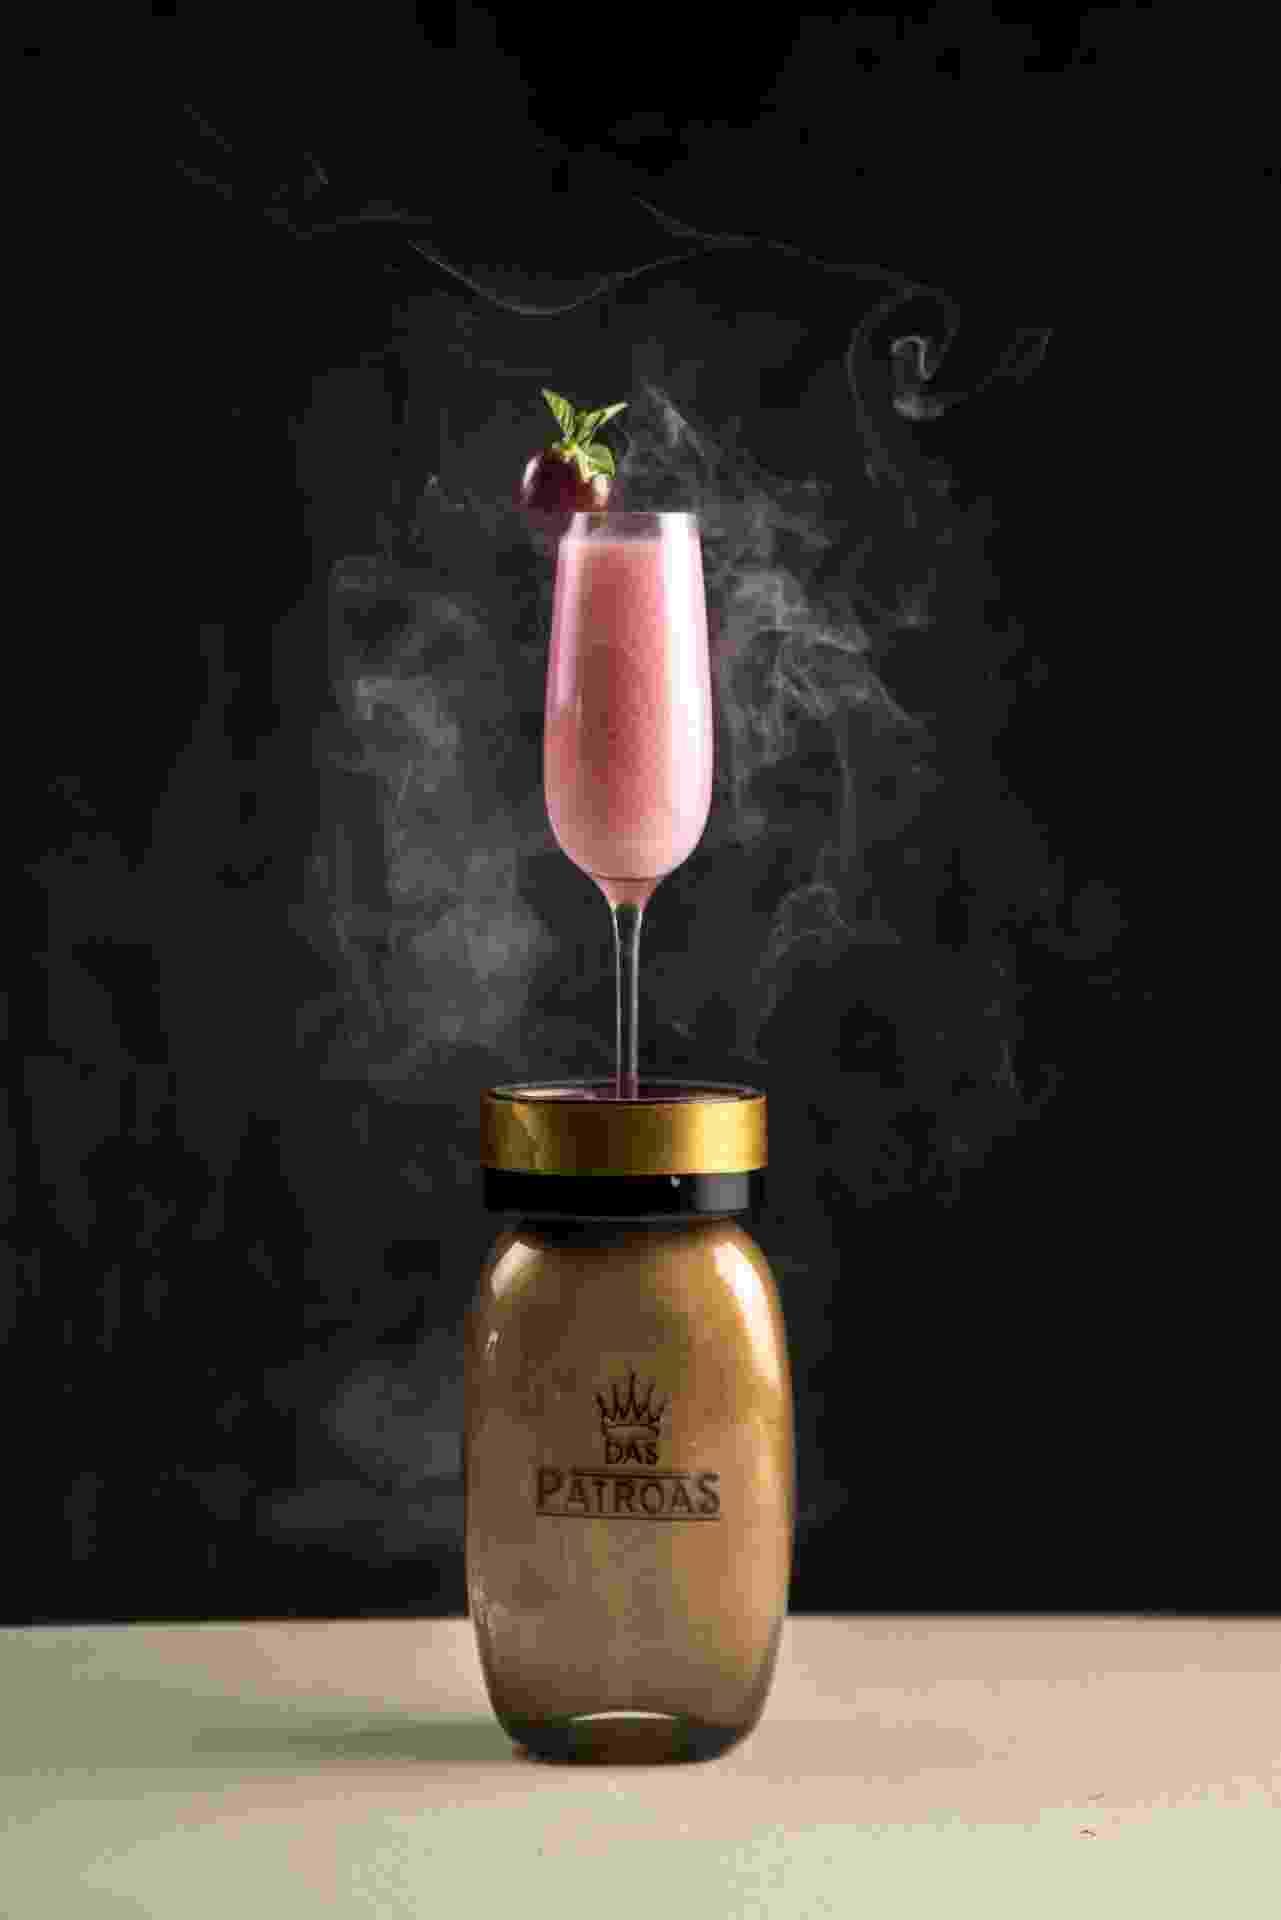 """""""Cuida bem dela"""" é o nome do drinque servido em um frasco de esmalte, no Bar das Patroas - Divulgação"""